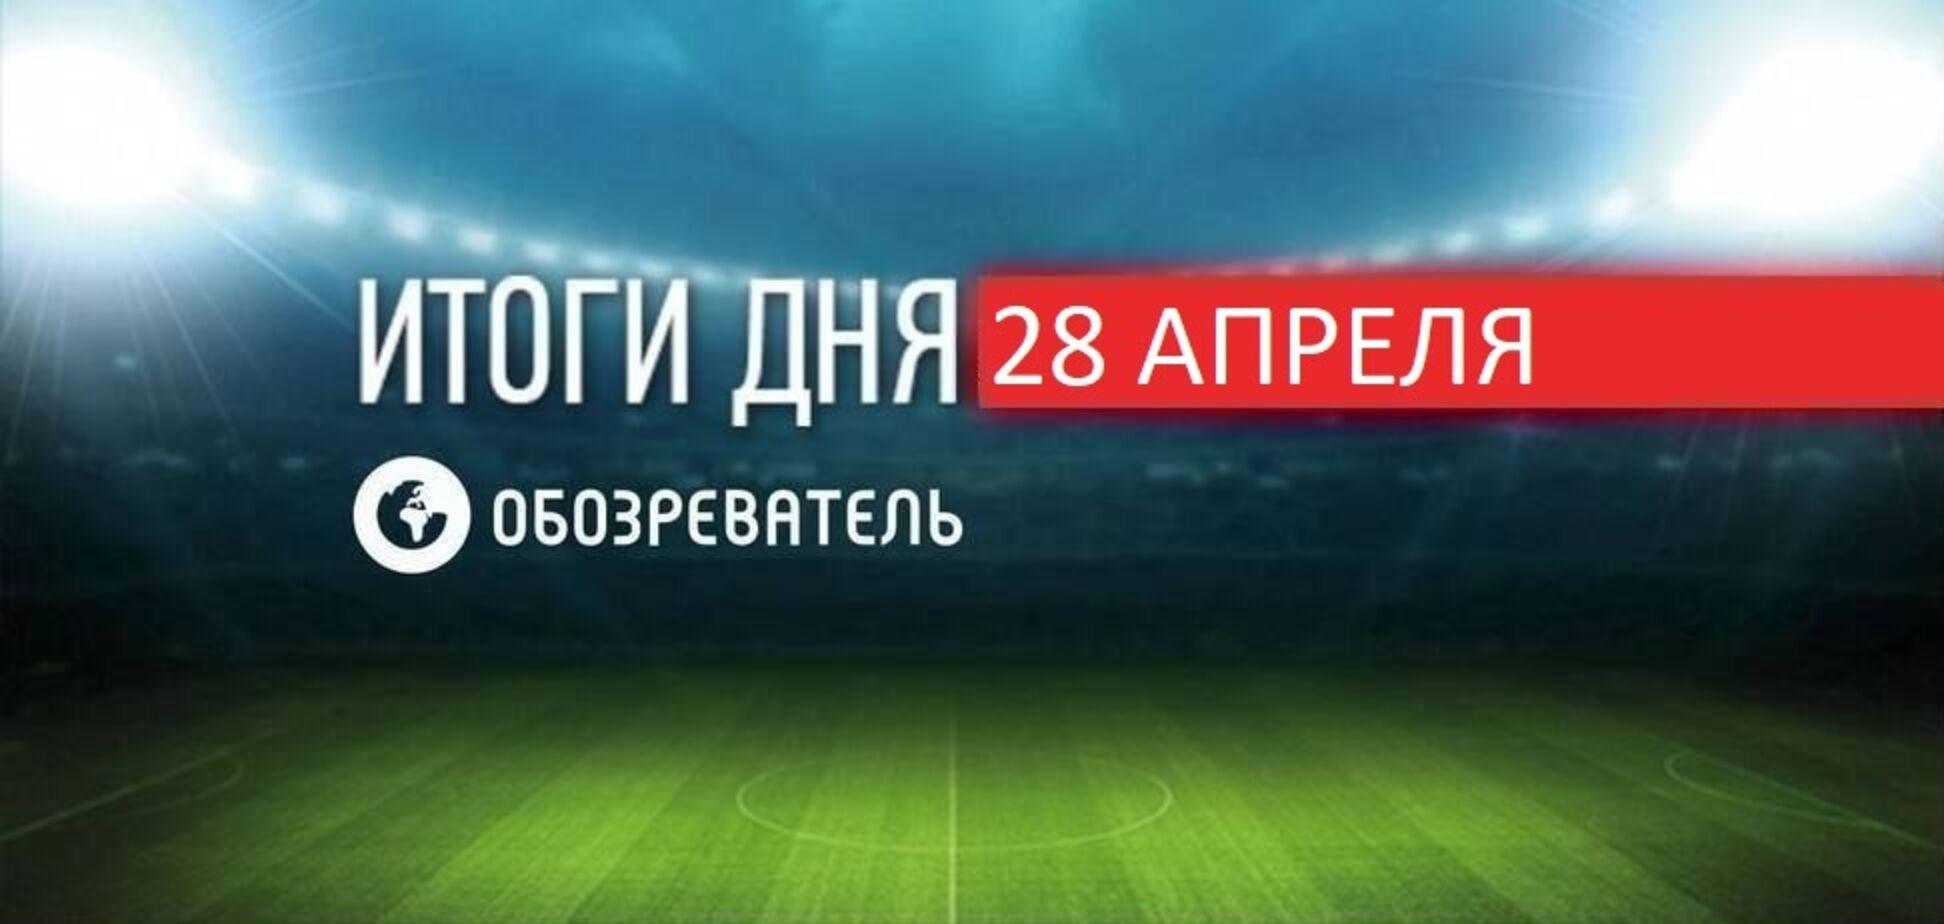 Новости спорта 28 апреля: Зинченко отдал голевую в полуфинале ЛЧ, СМИ узнали бонус Луческу в 'Динамо'